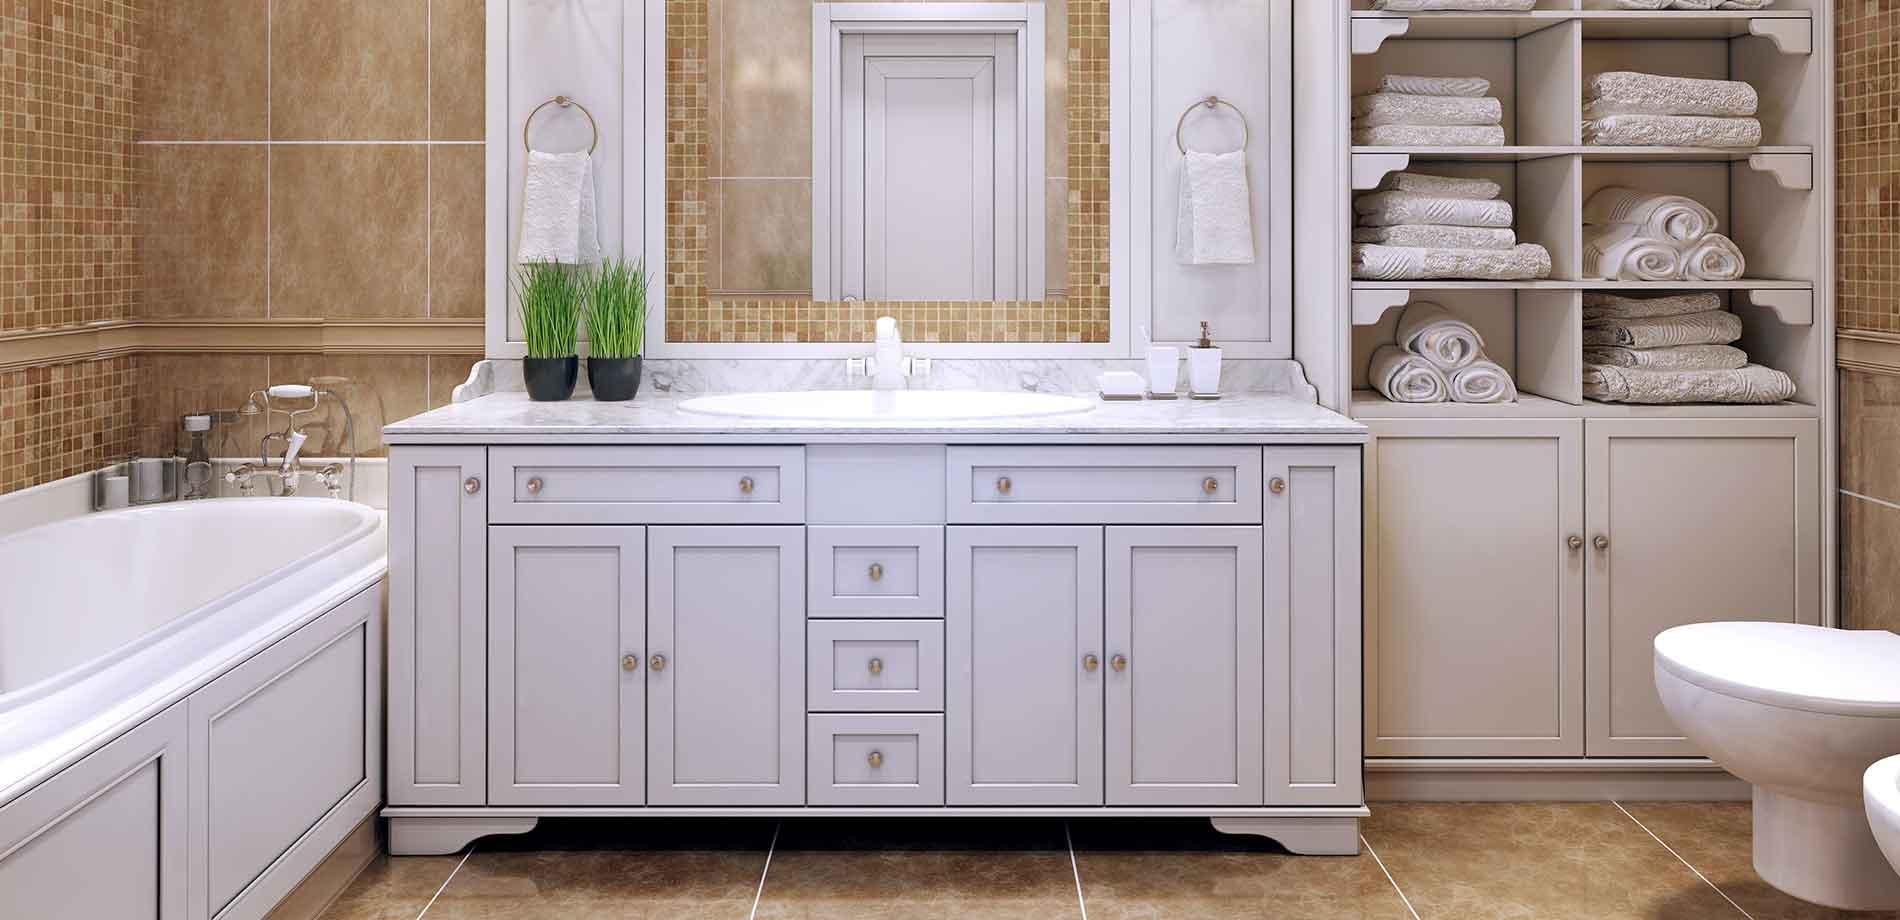 Cabinets, Bathroom Remodeling, Kitchen Remodeling | Indian ...